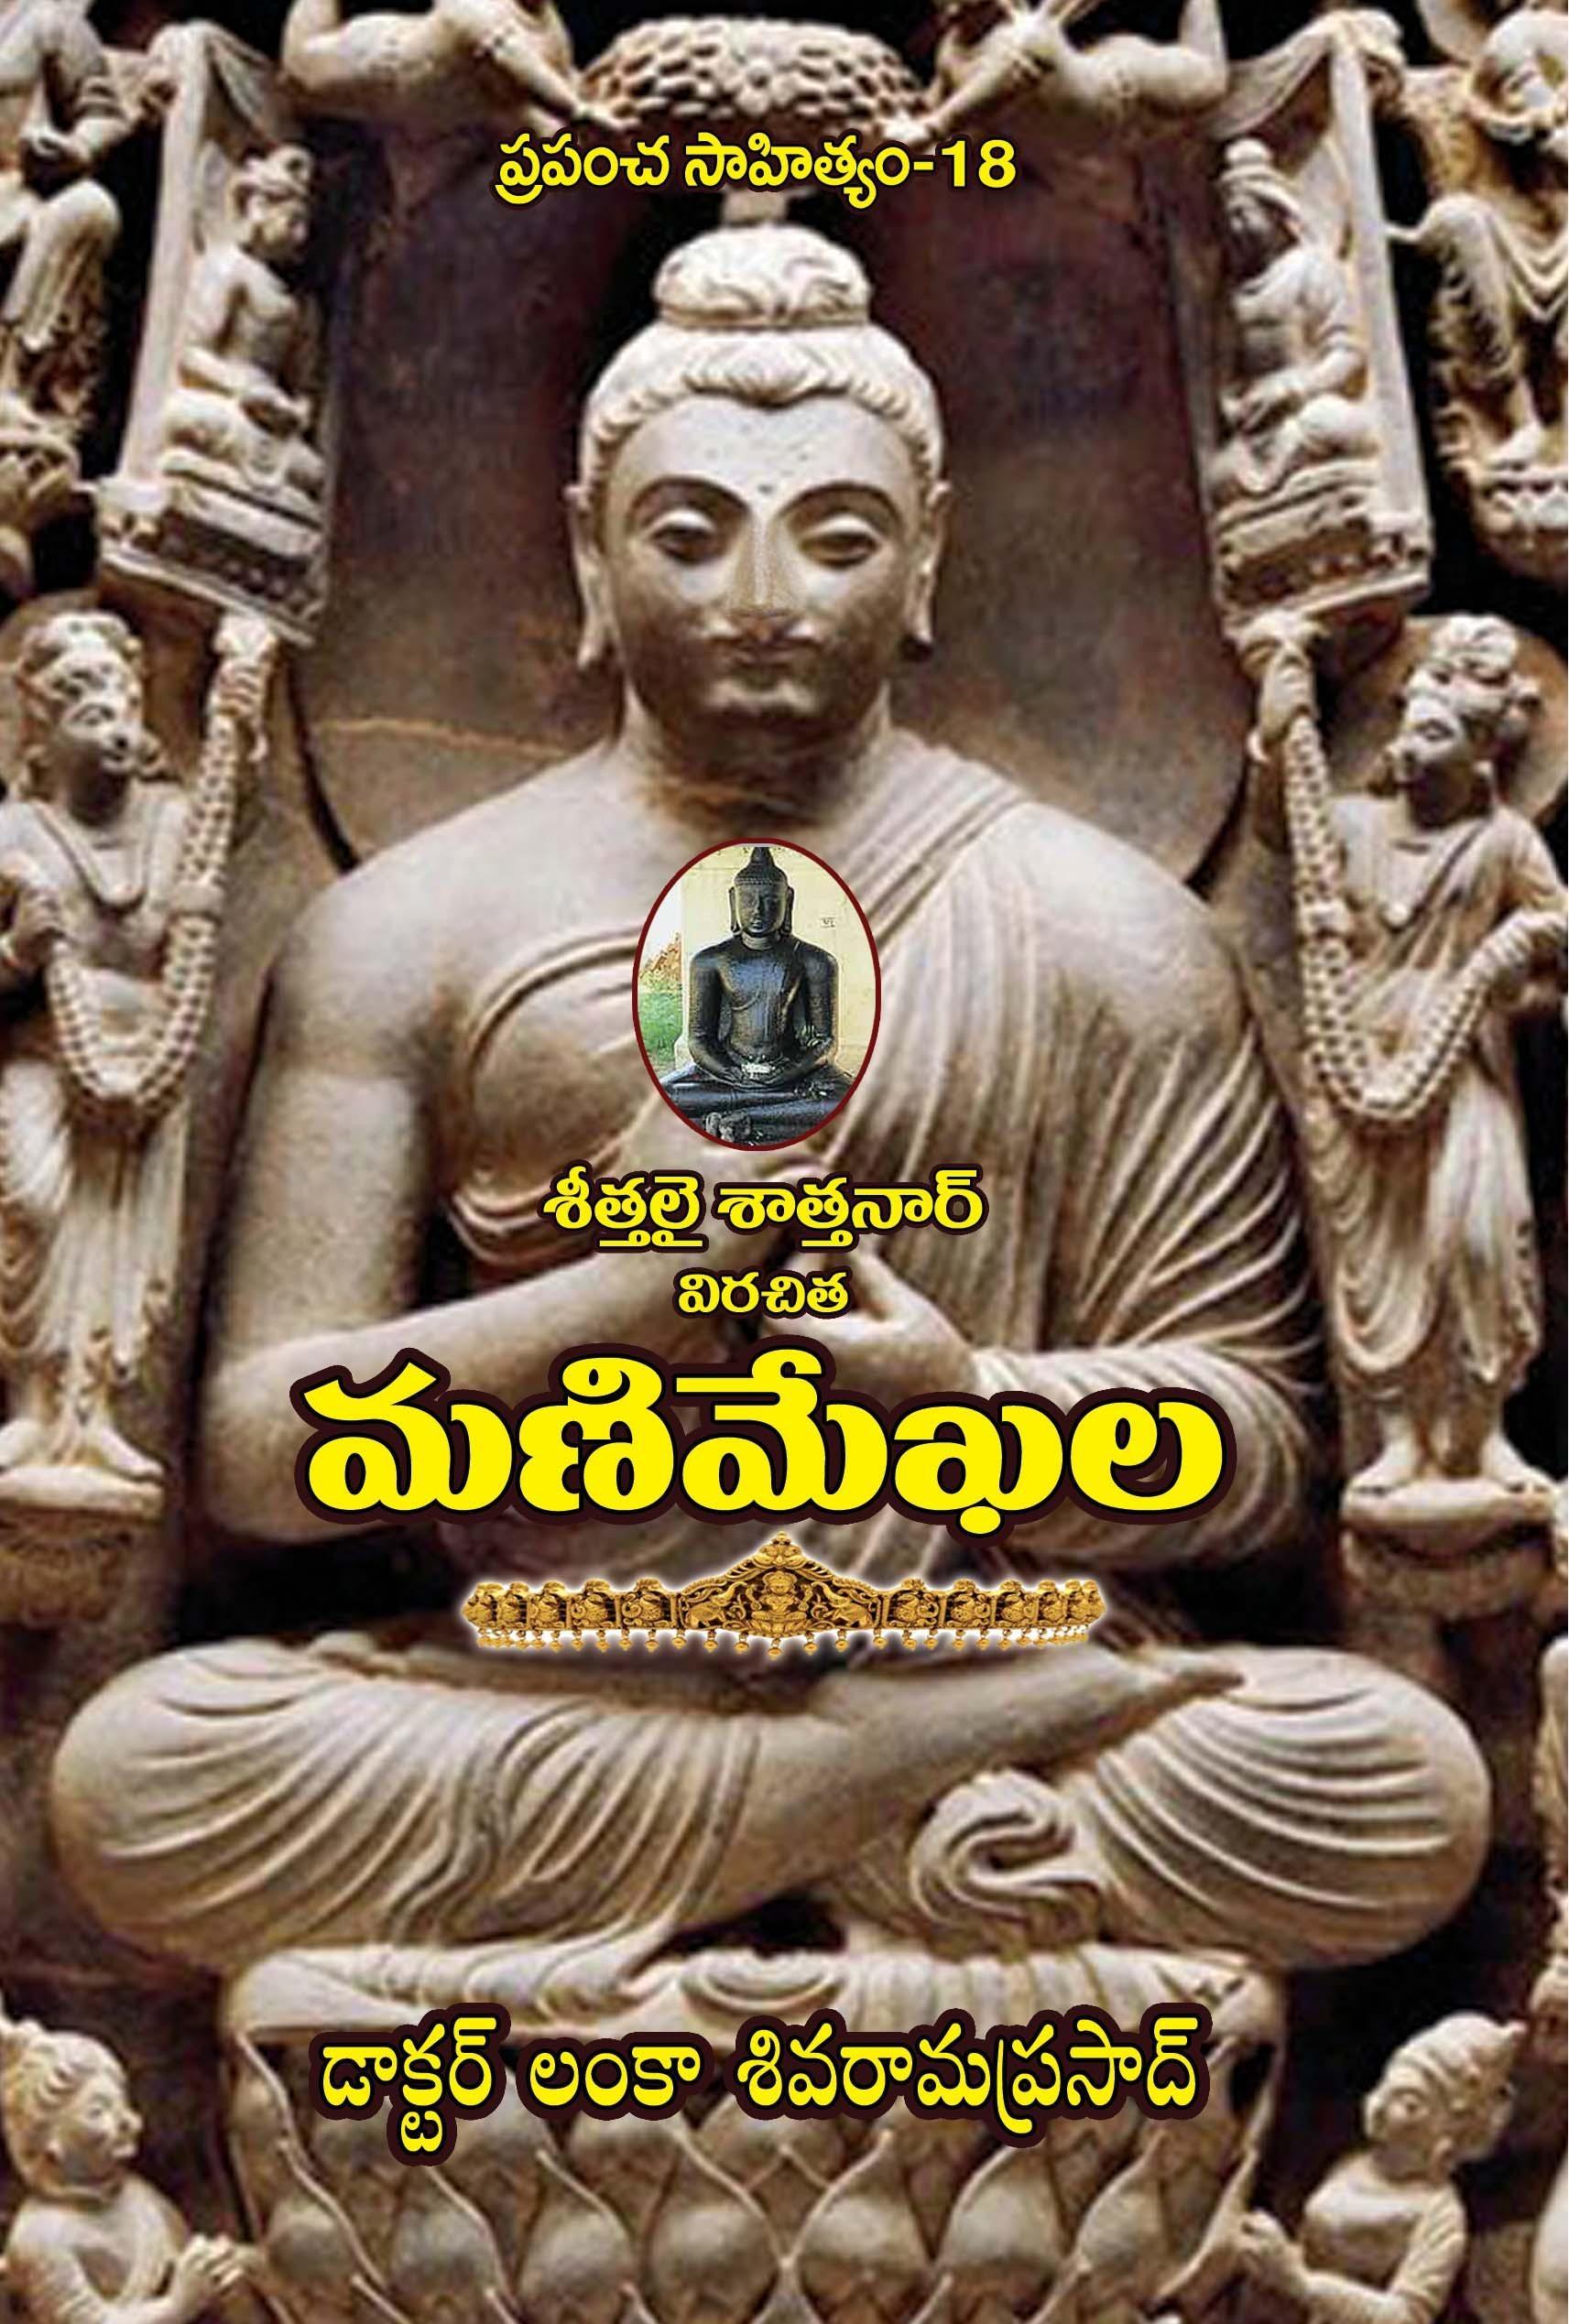 Satthanar's Manimekhala